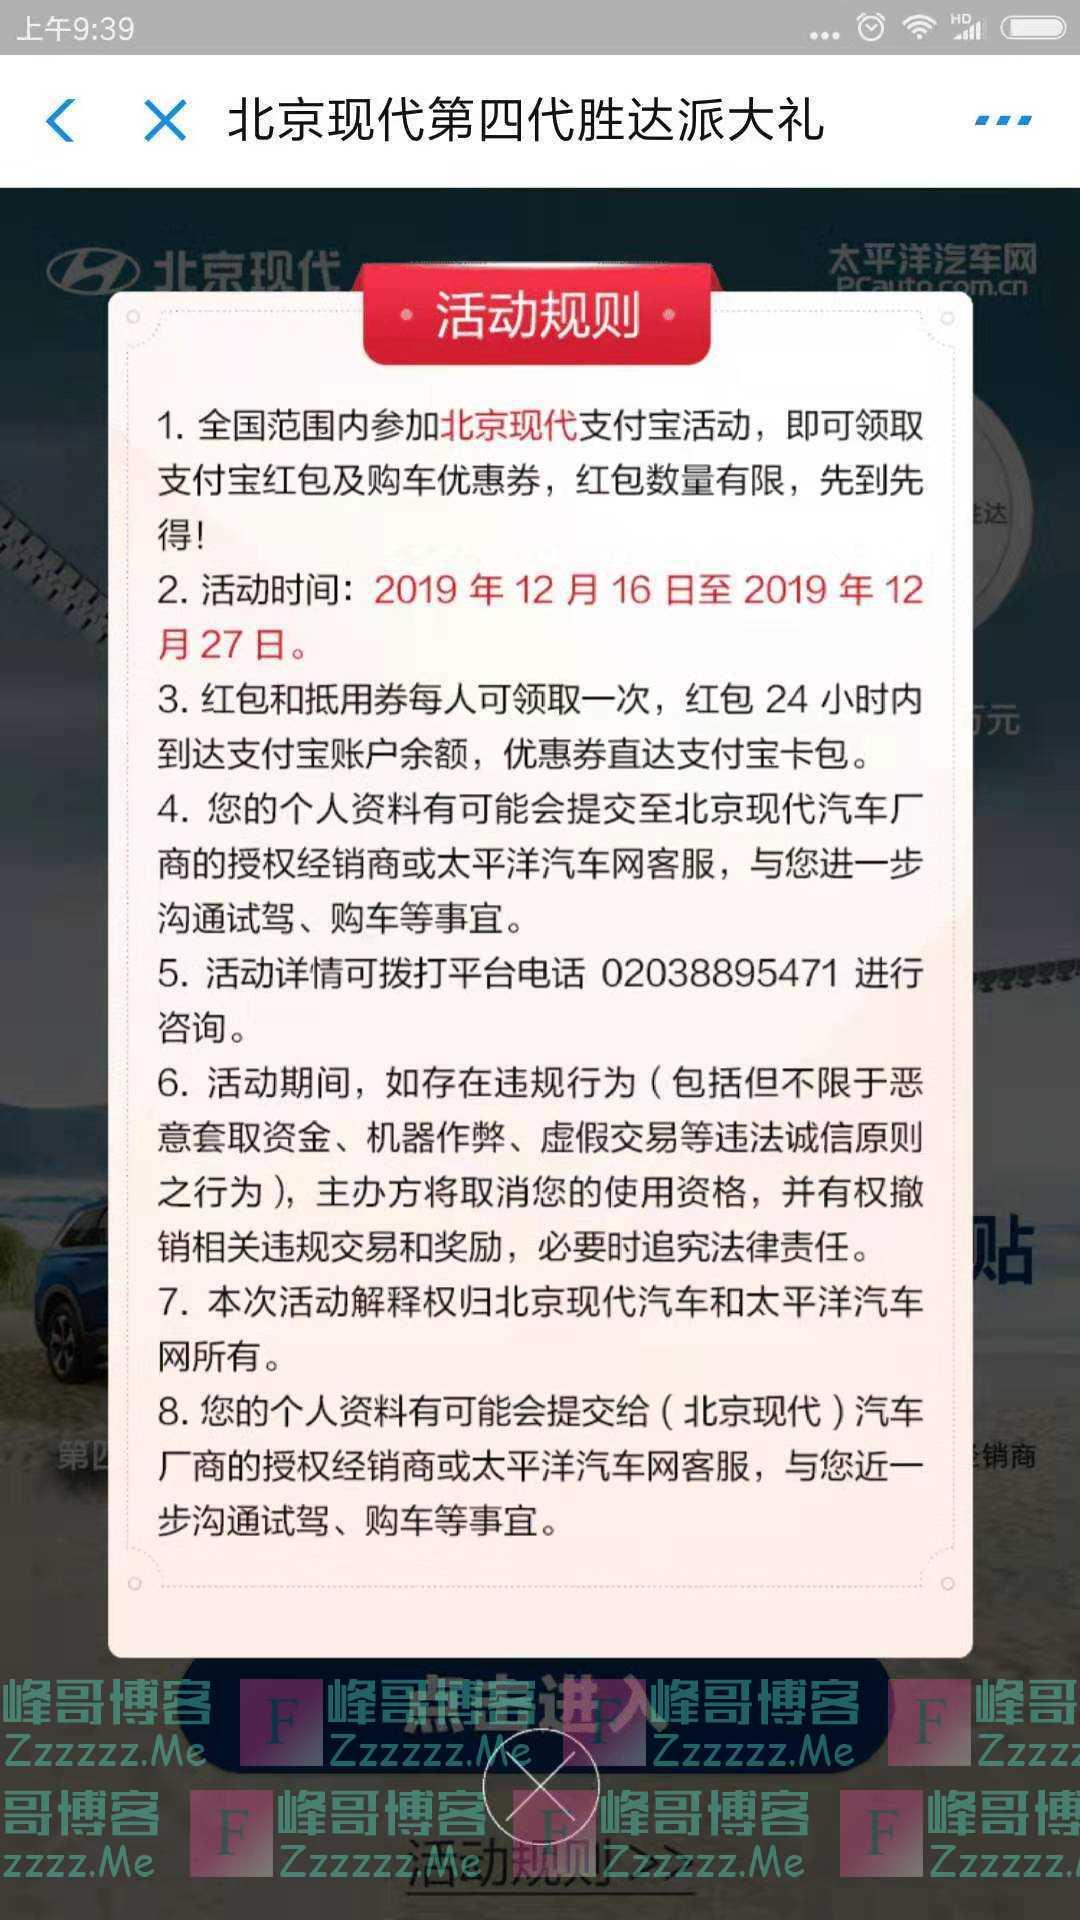 太平洋汽车网北京现代第四代胜达派大礼(截止12月27日)